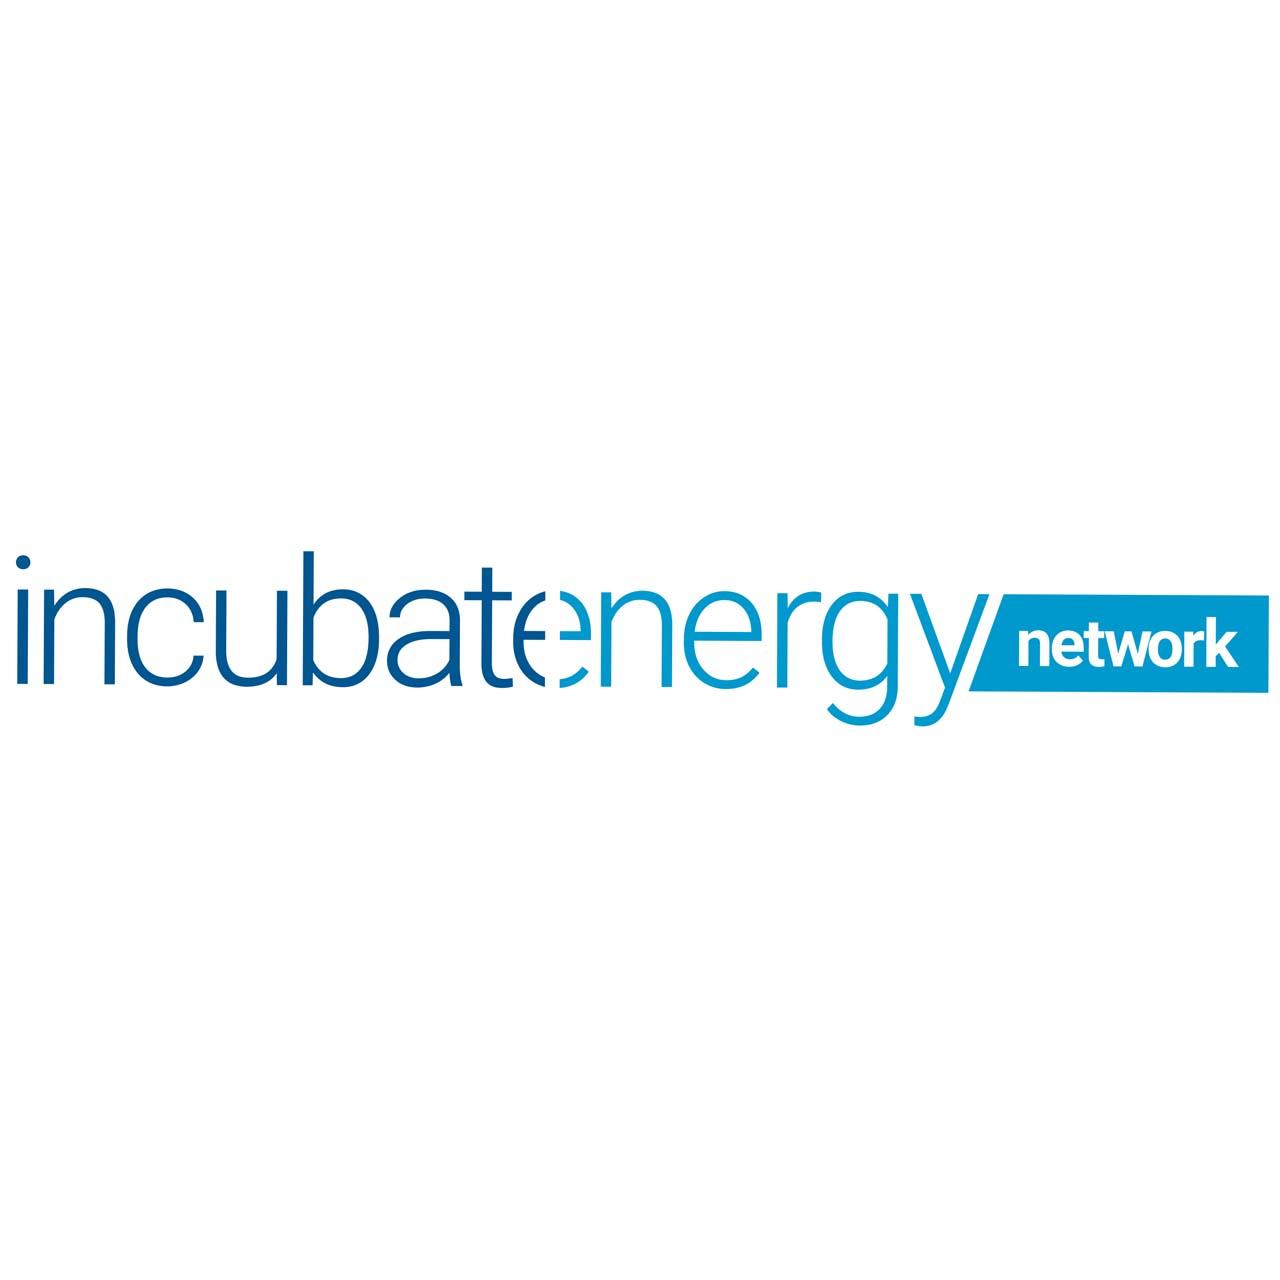 Incubatenergy Network.jpg